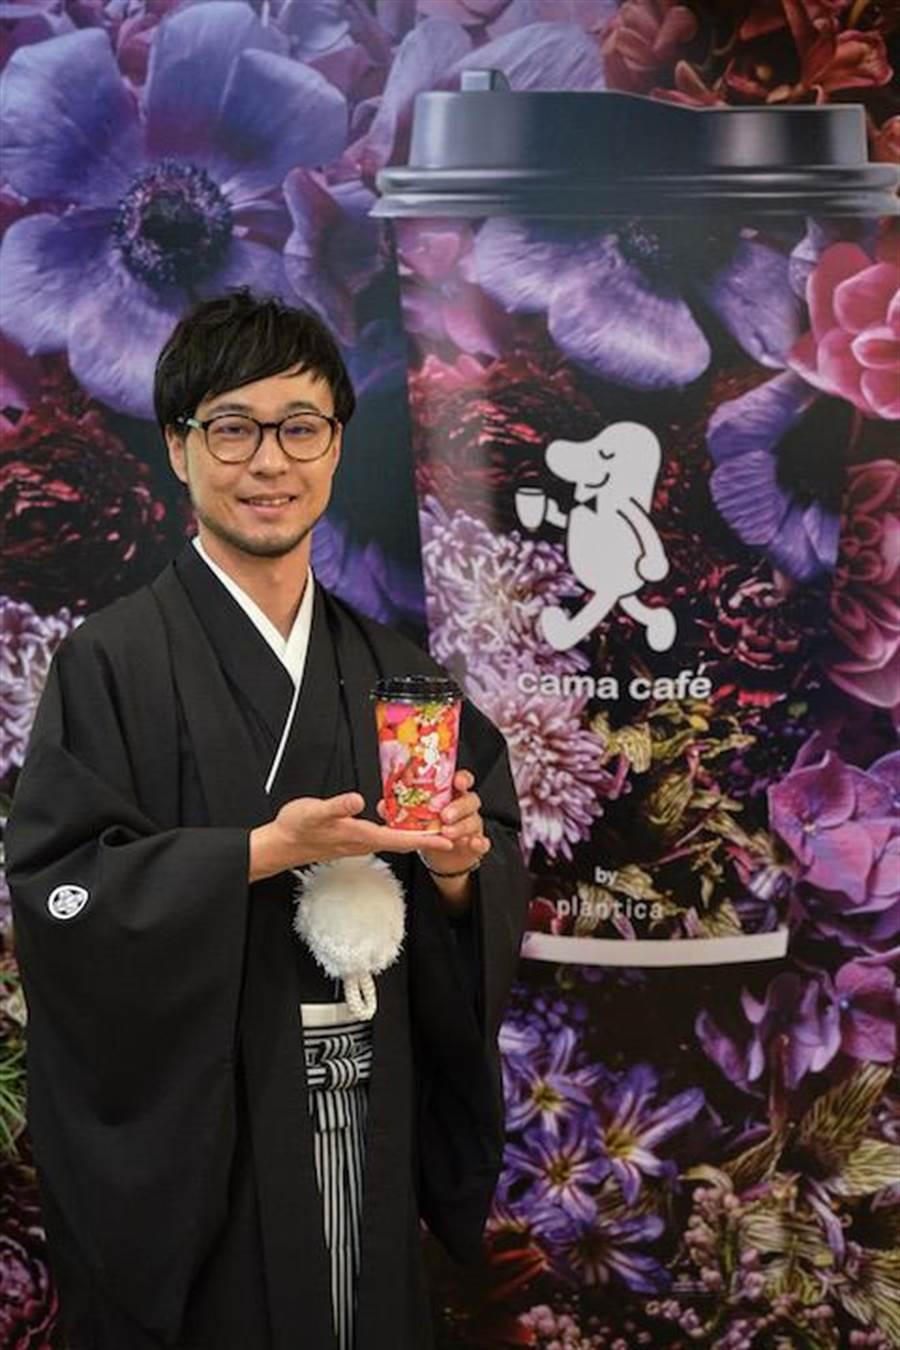 plantica創辦人木村貴史老師與其作品合影。(品牌提供)